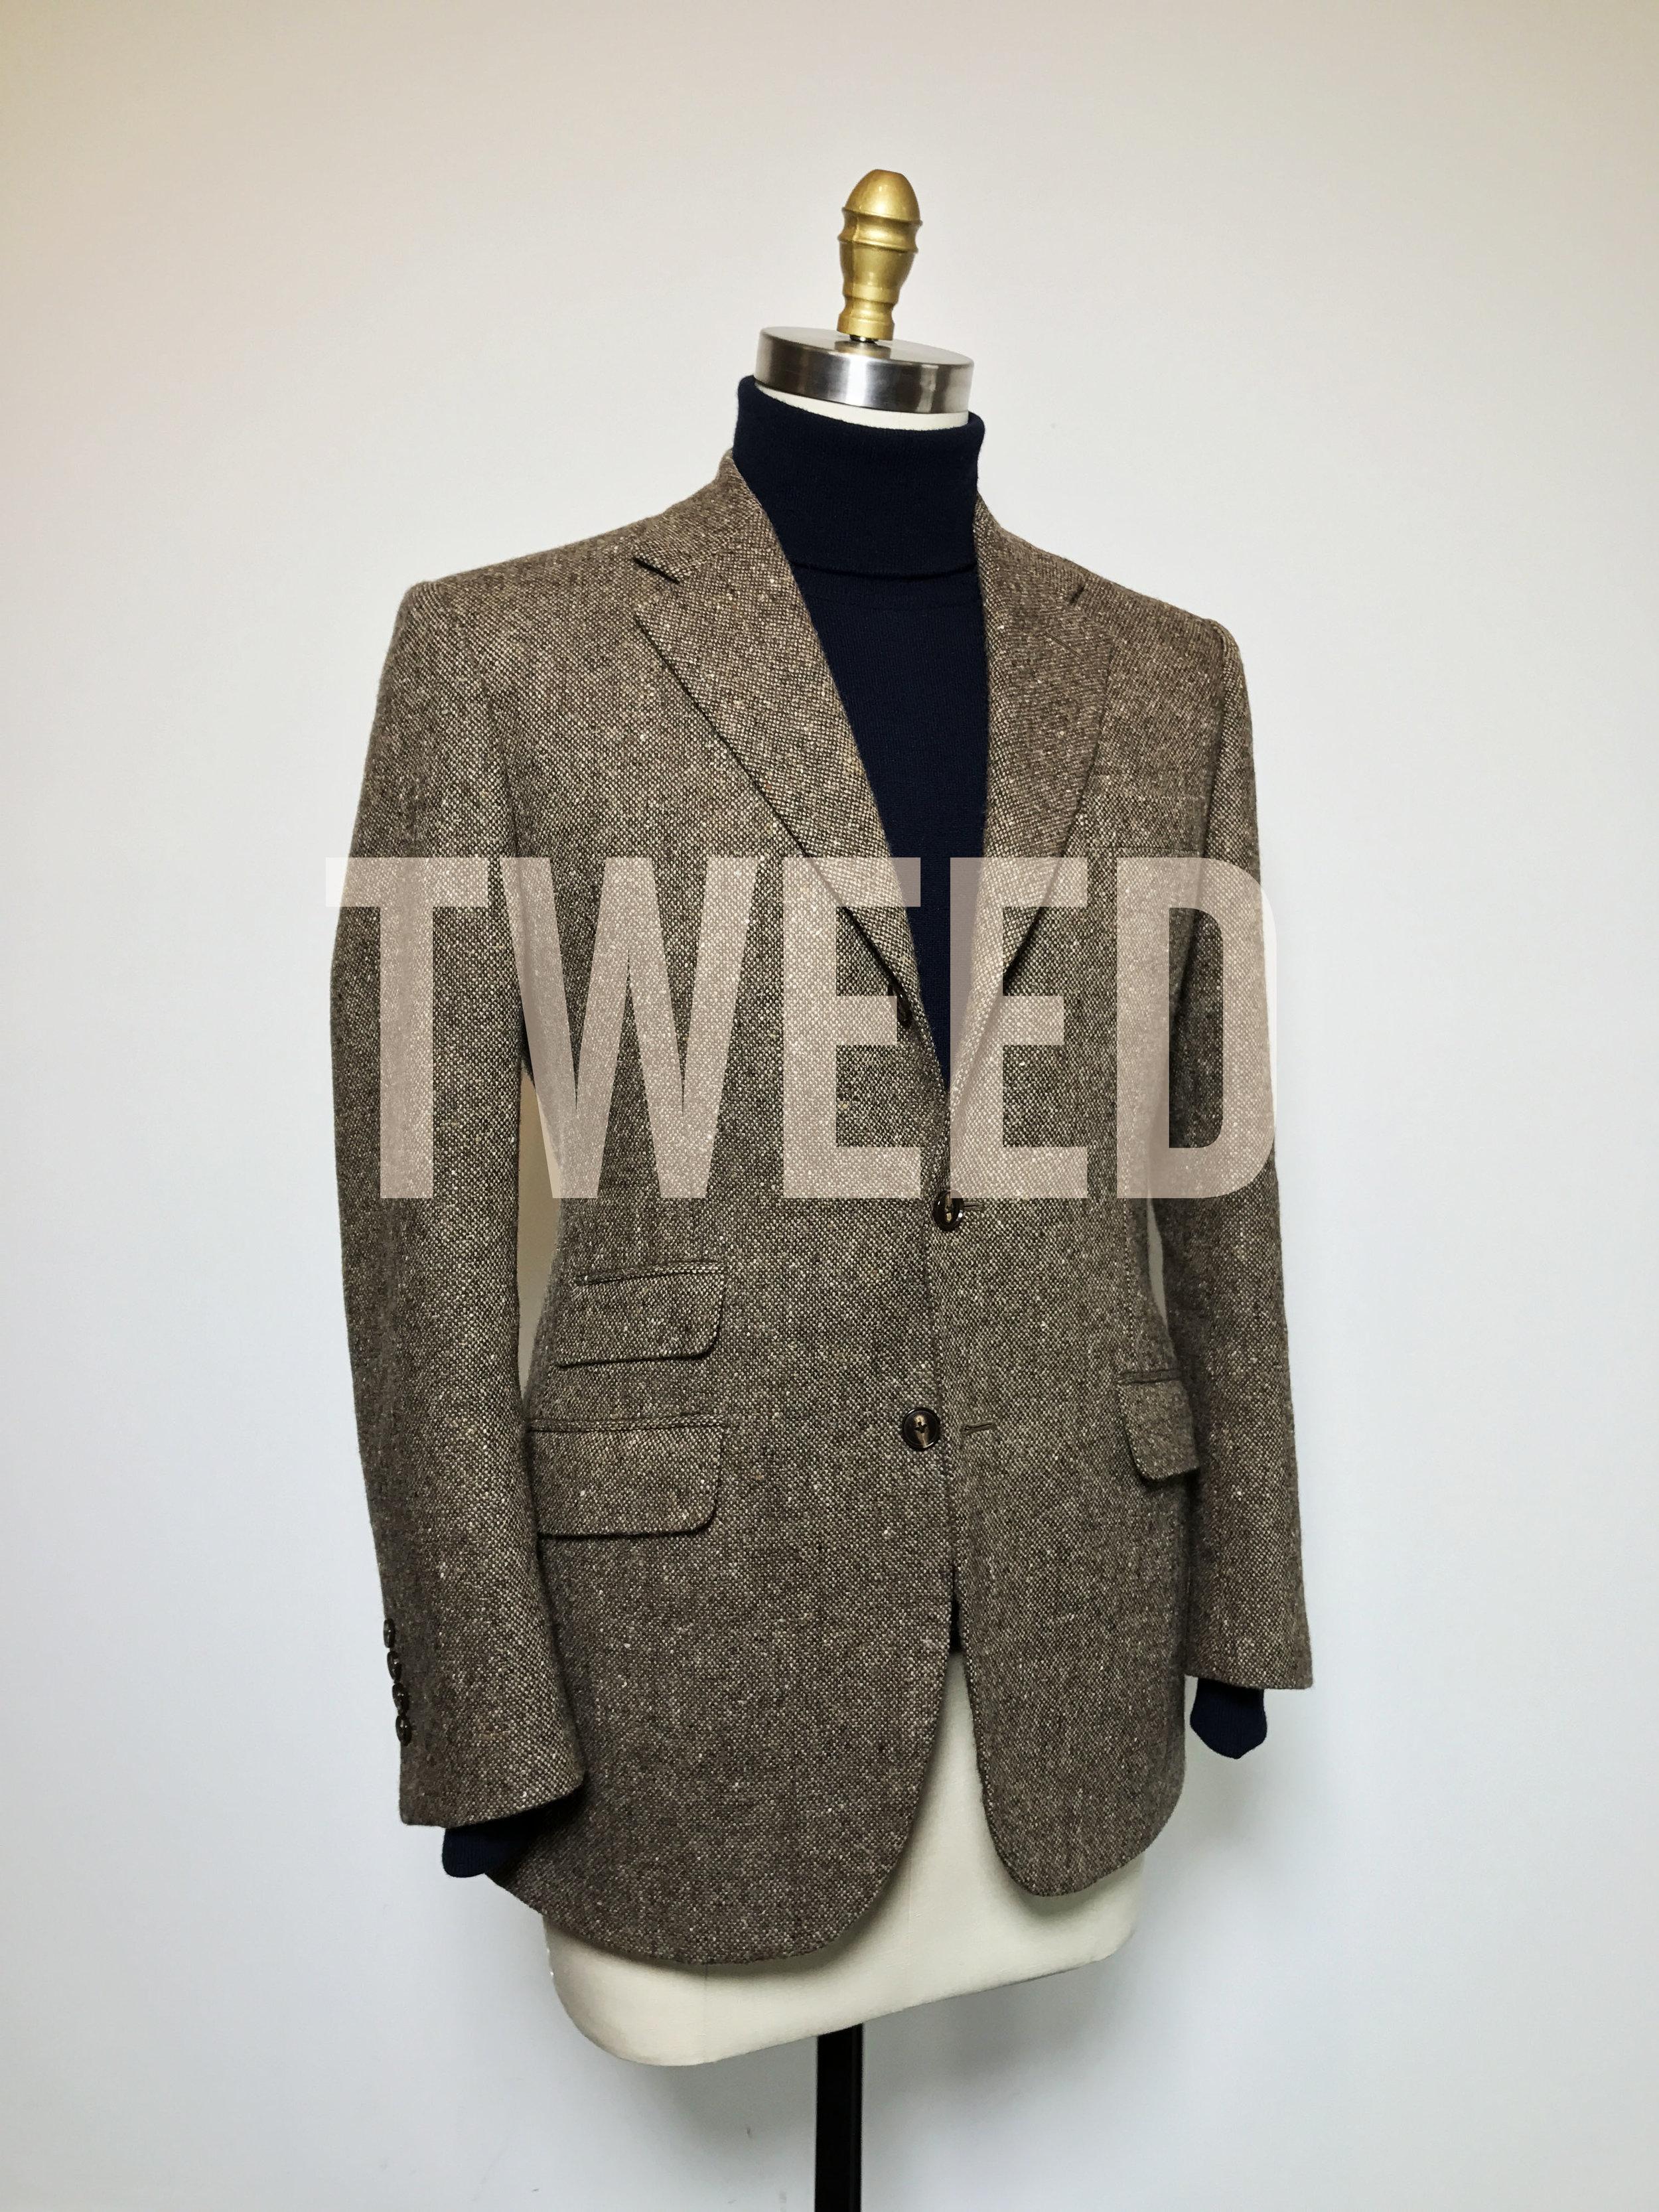 Tweed image.jpg